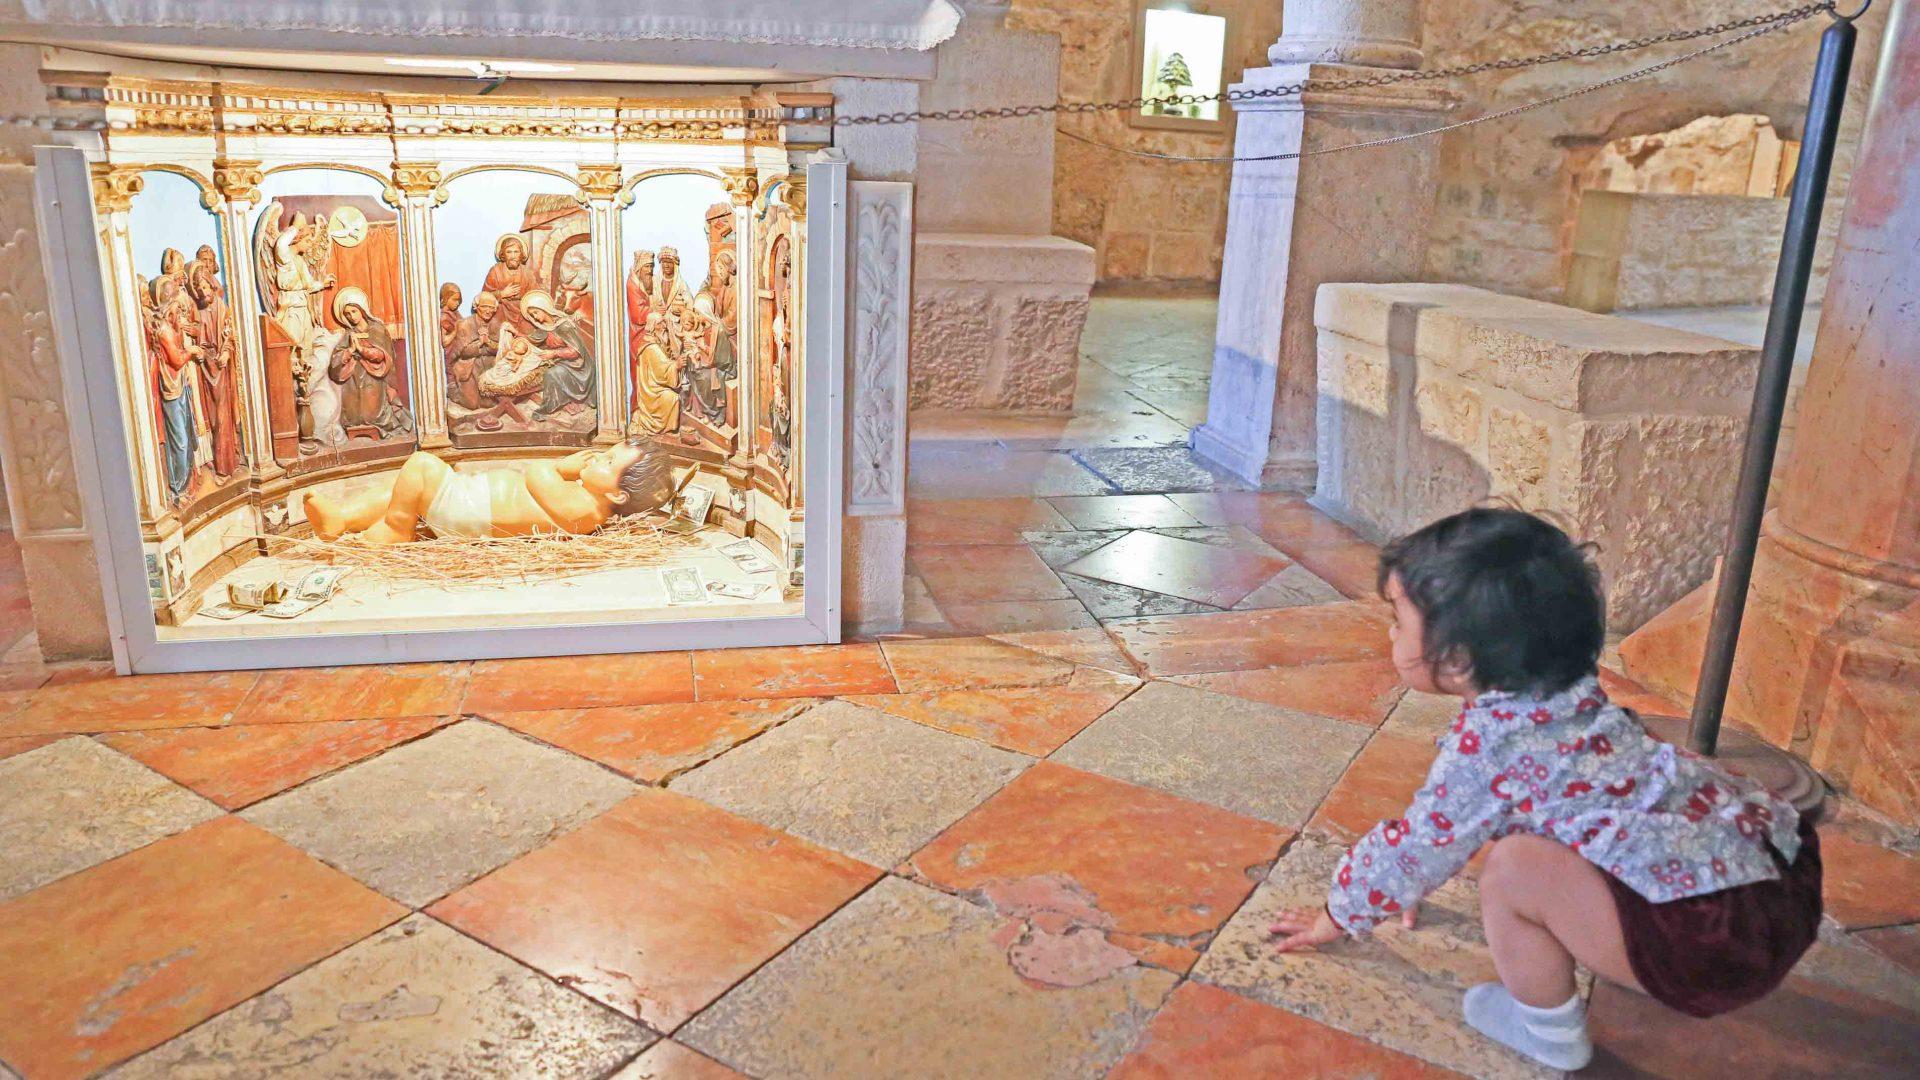 Baby Gia Sereni at a religious shrine Bethlehem, Palestine.